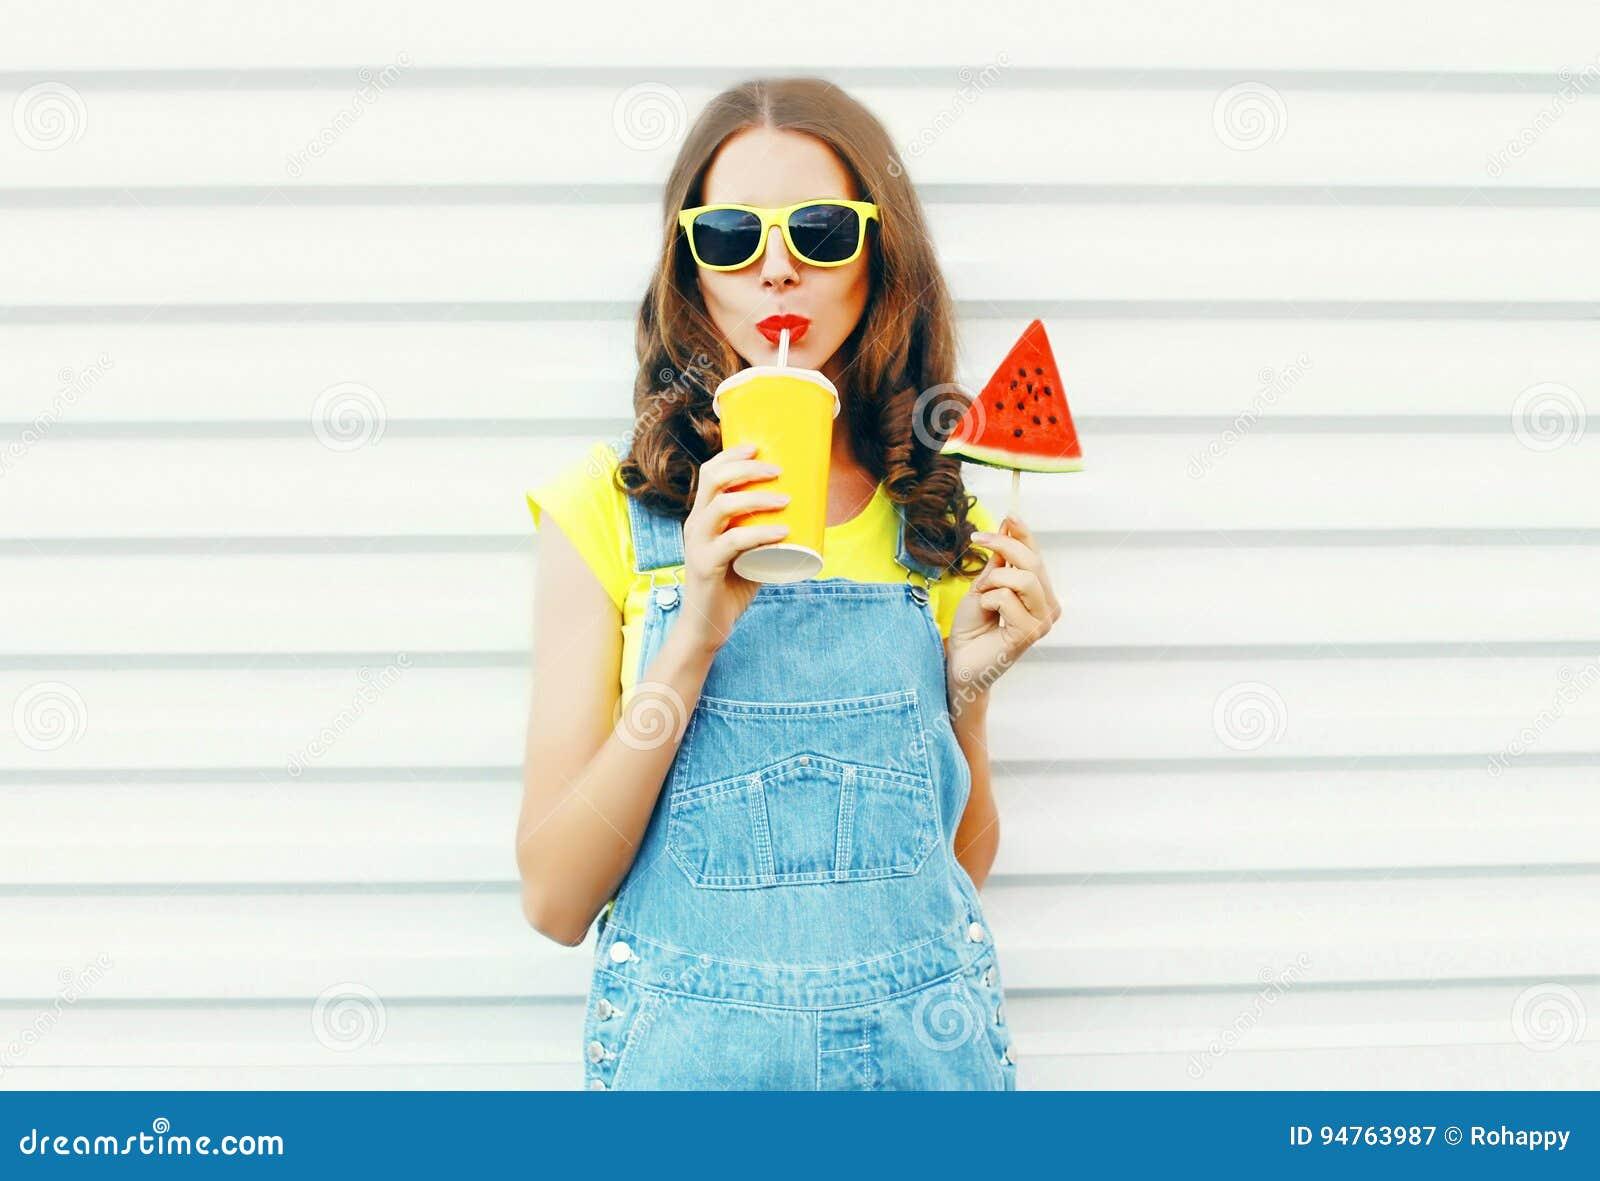 Modeporträt recht, das kühles Mädchen einen Saft von der Schale trinkt, hält Scheibenwassermelonen-Eiscreme